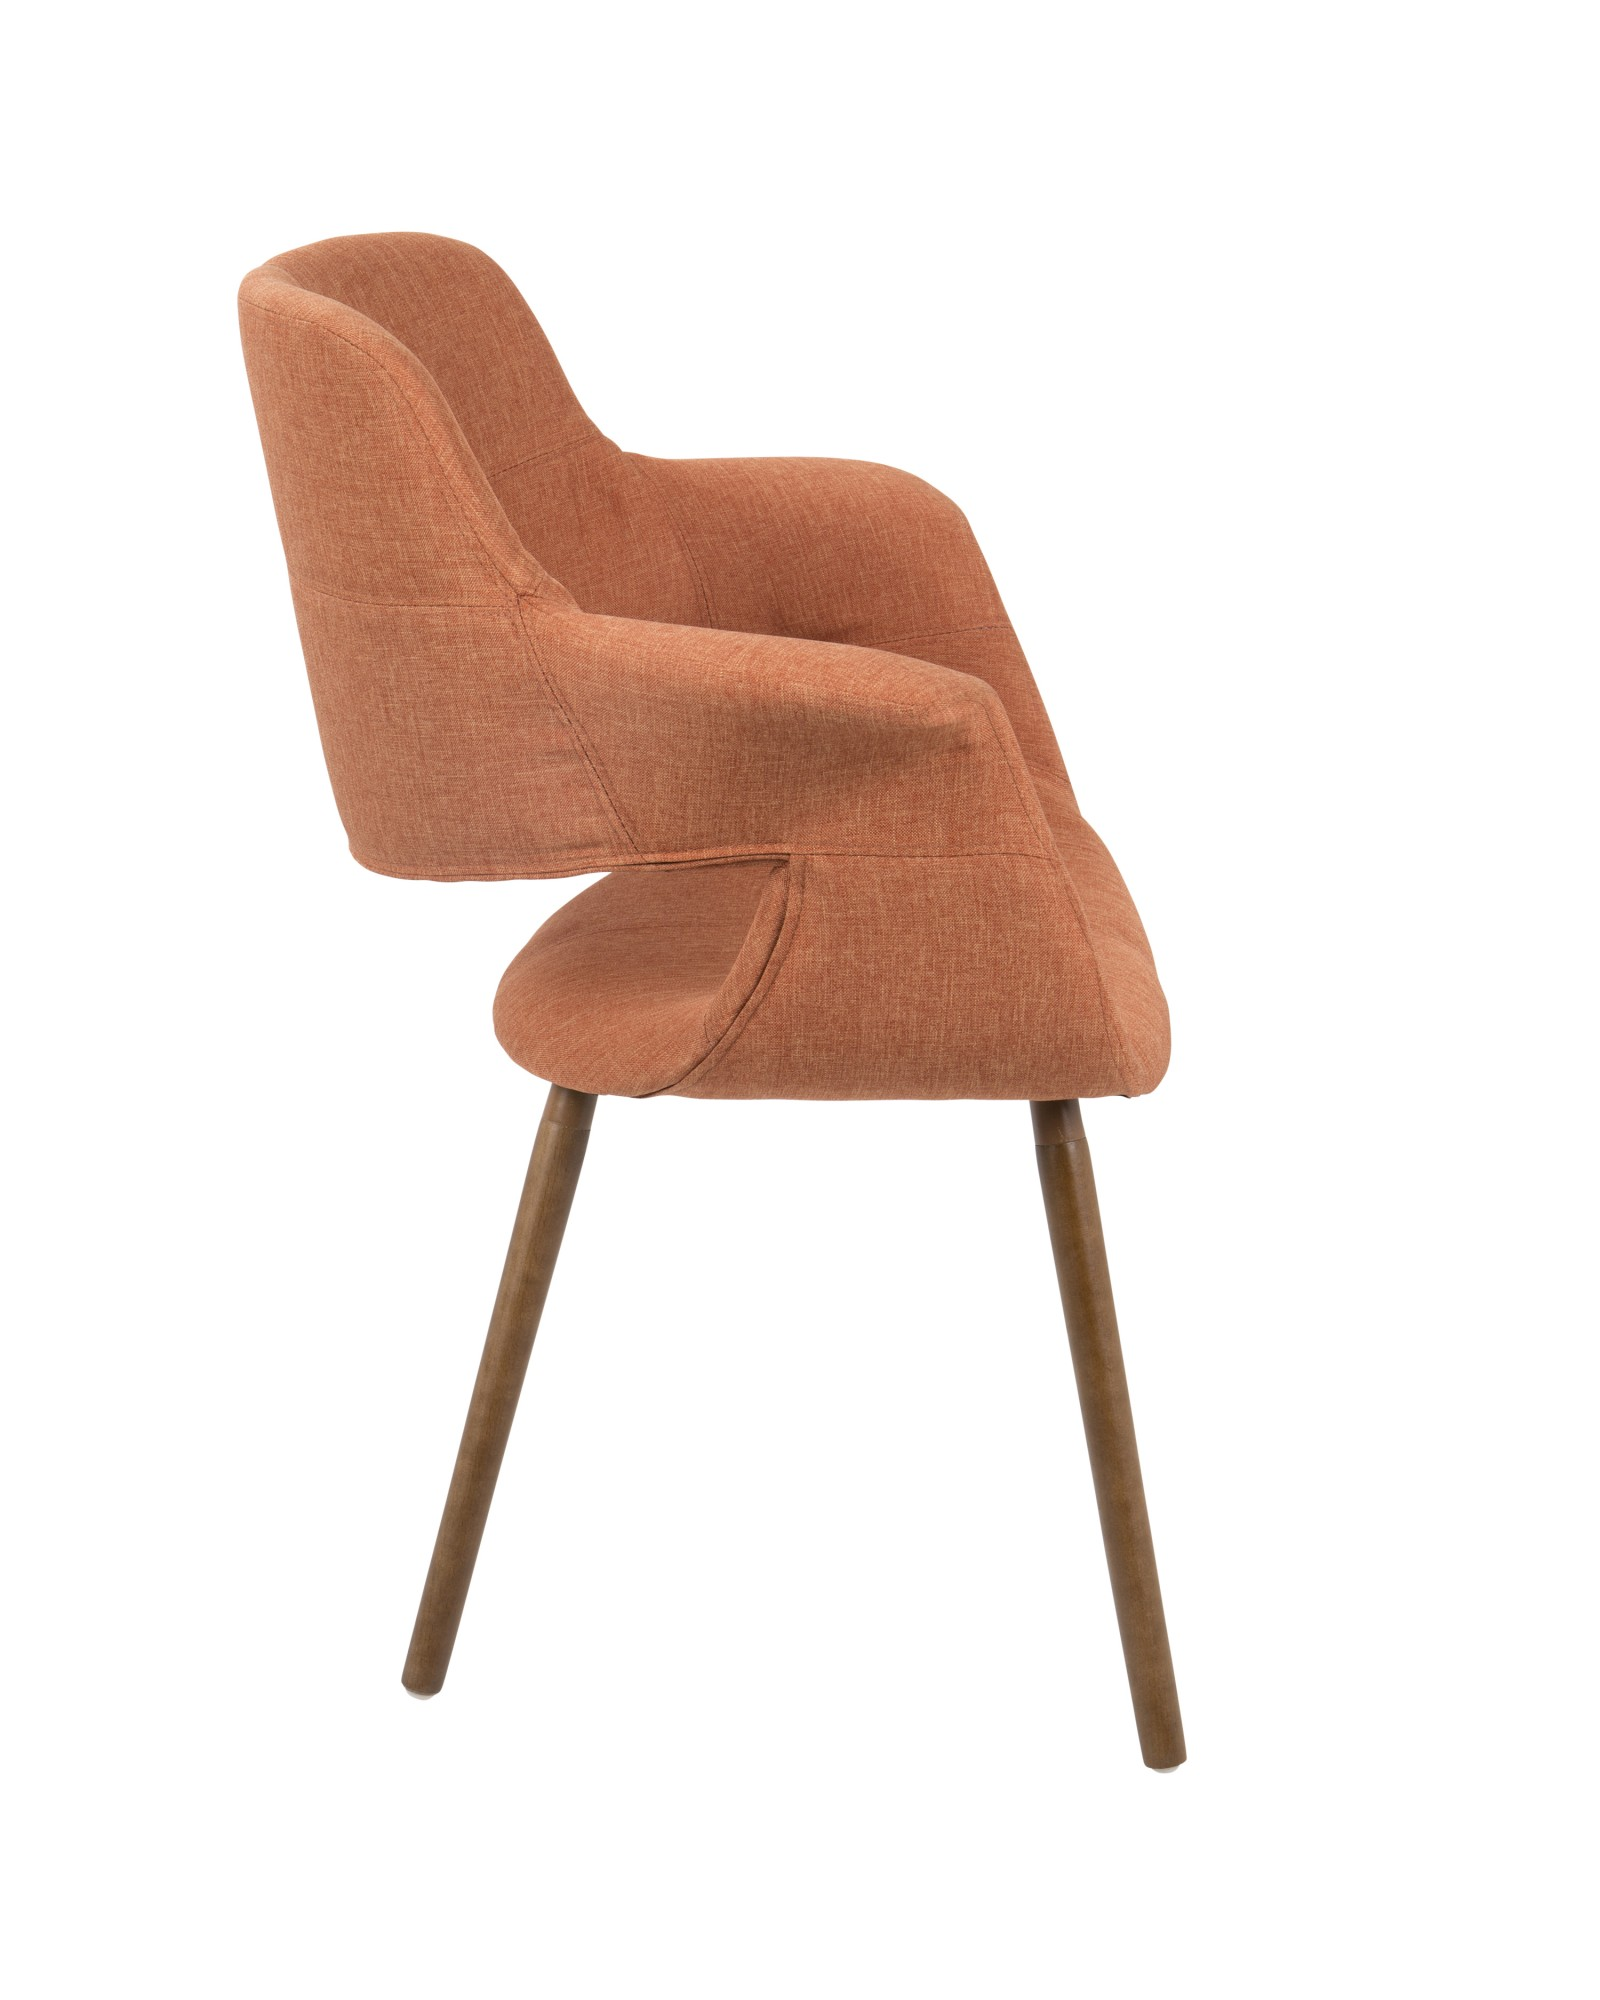 Vintage Flair Mid-Century Modern Chair in Orange